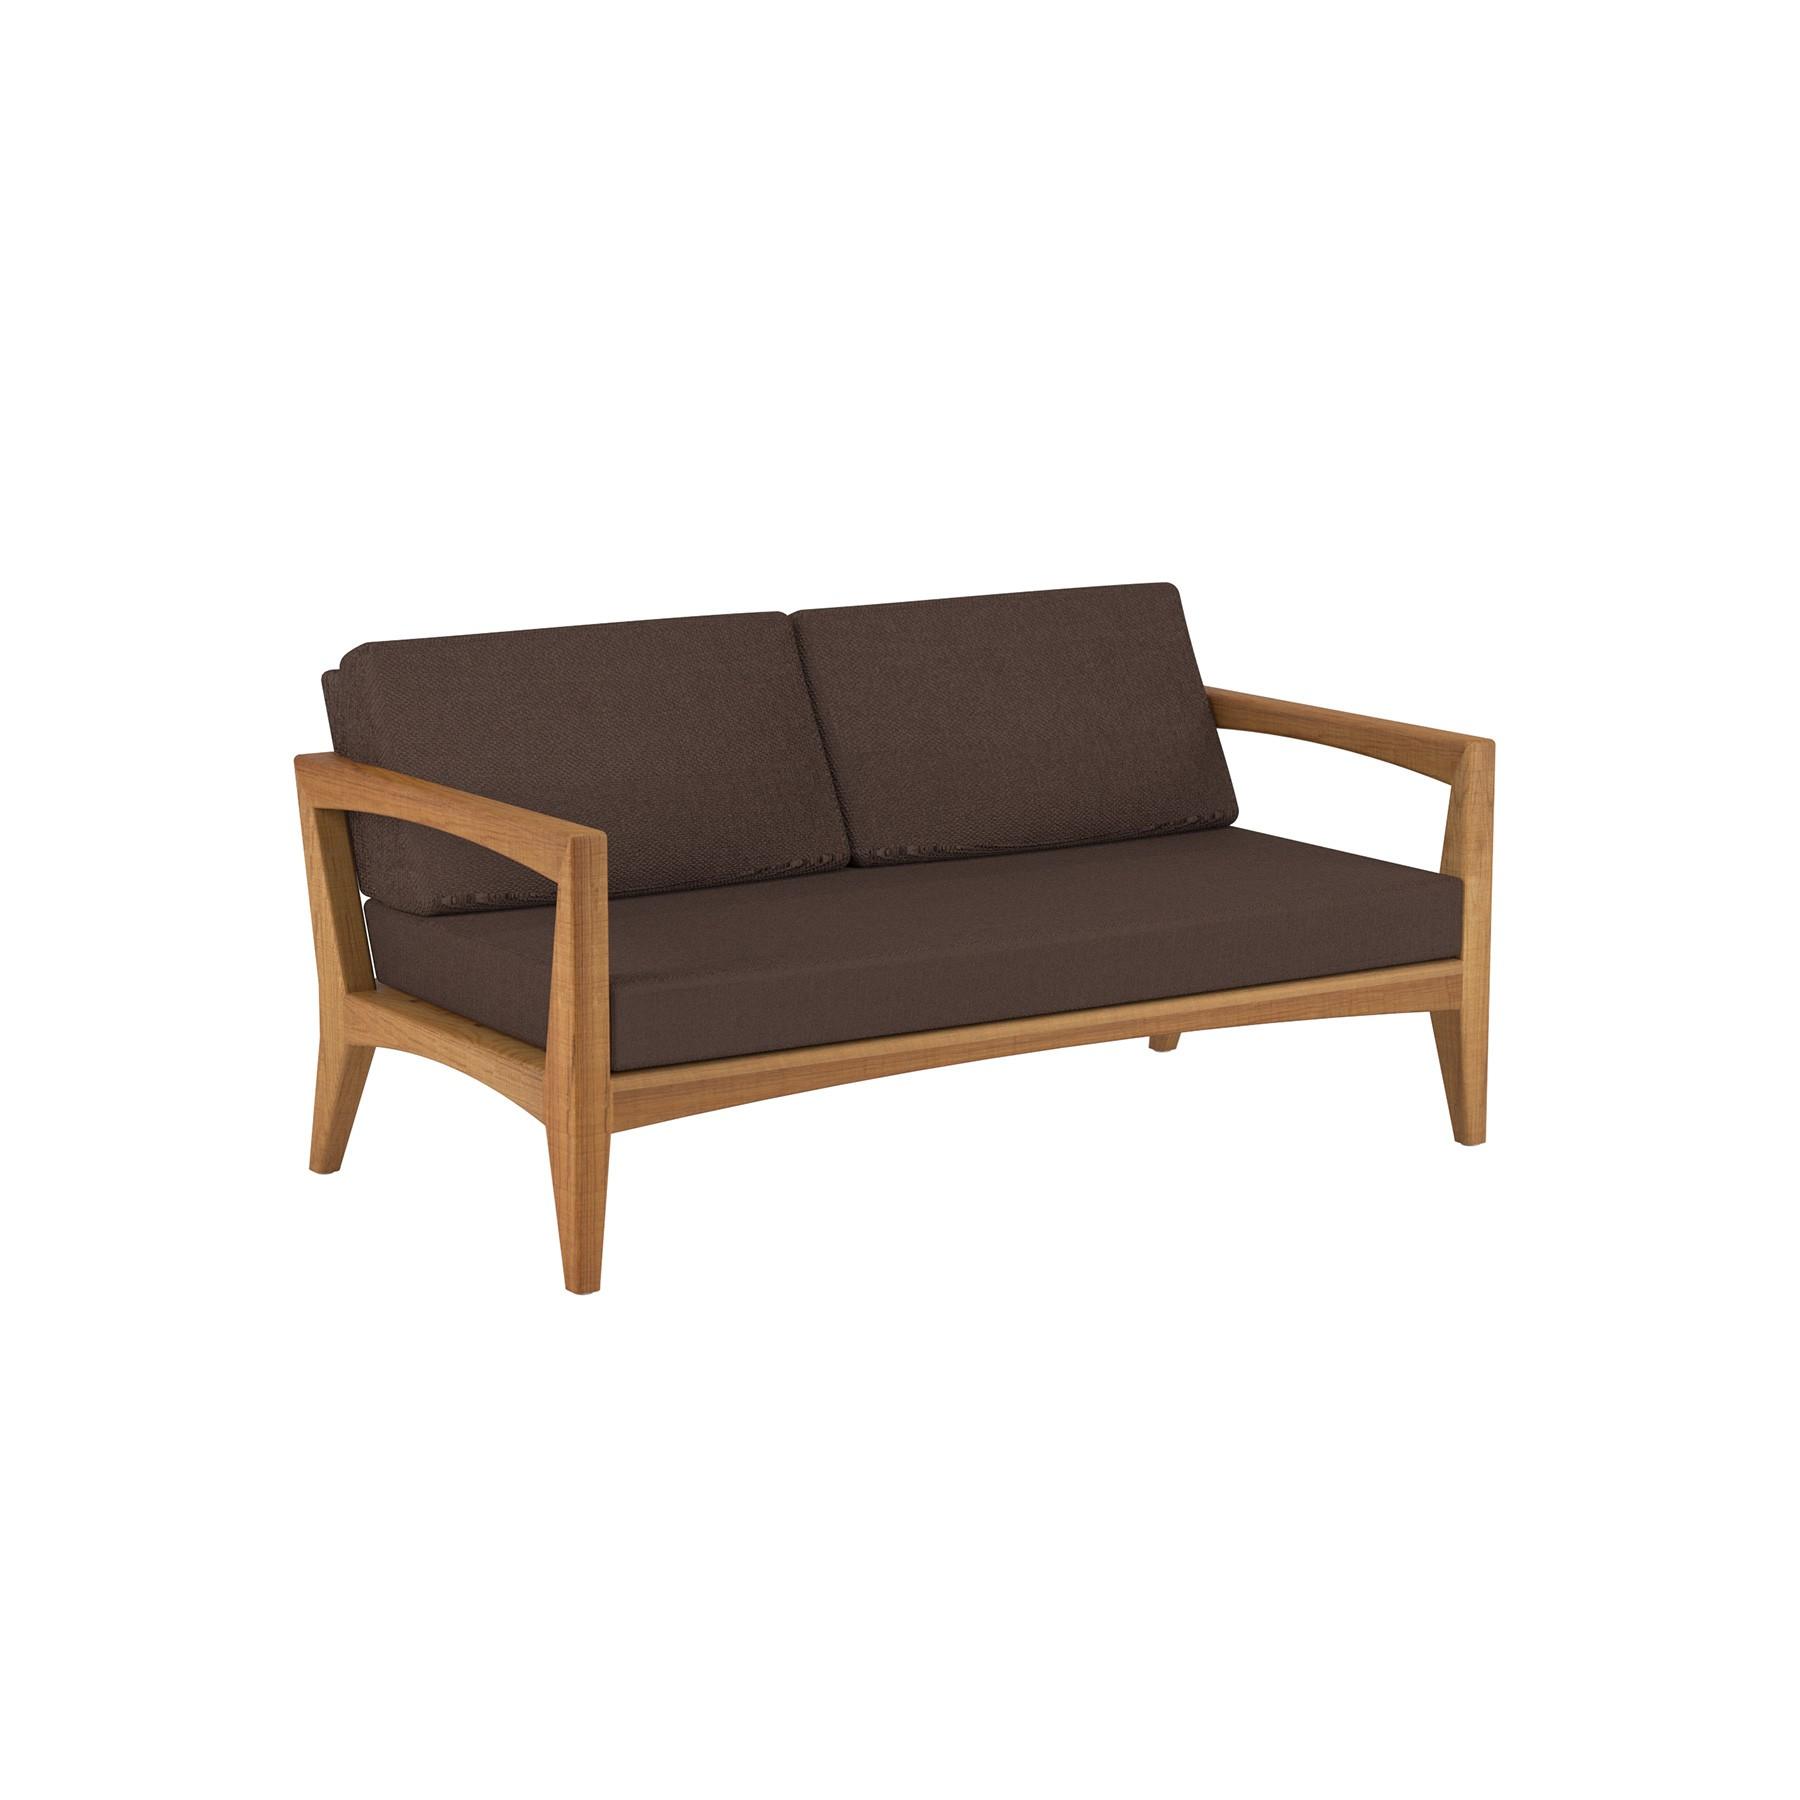 Banc 2 places avec accoudoirs zenhit royal botania for Banc avec 2 chaises